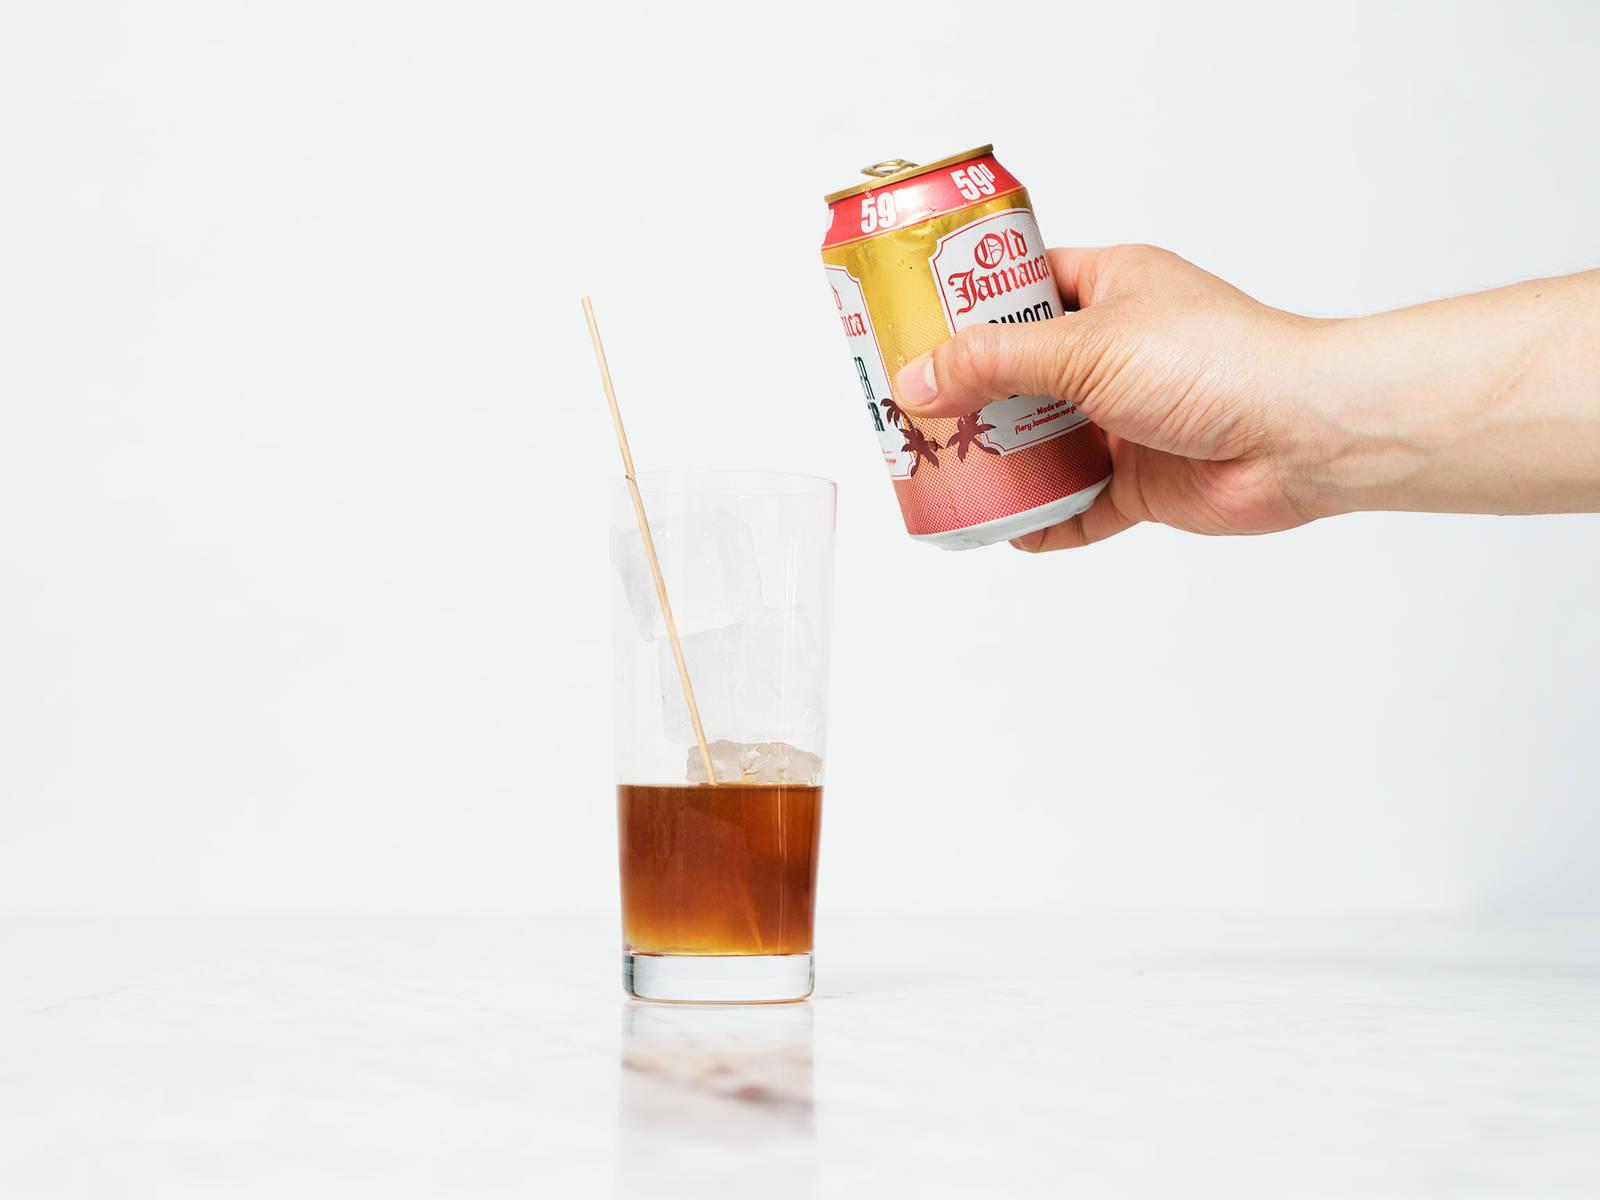 Eiswürfel dazugeben, mit Ginger Beer auffüllen und vorsichtig umrühren.